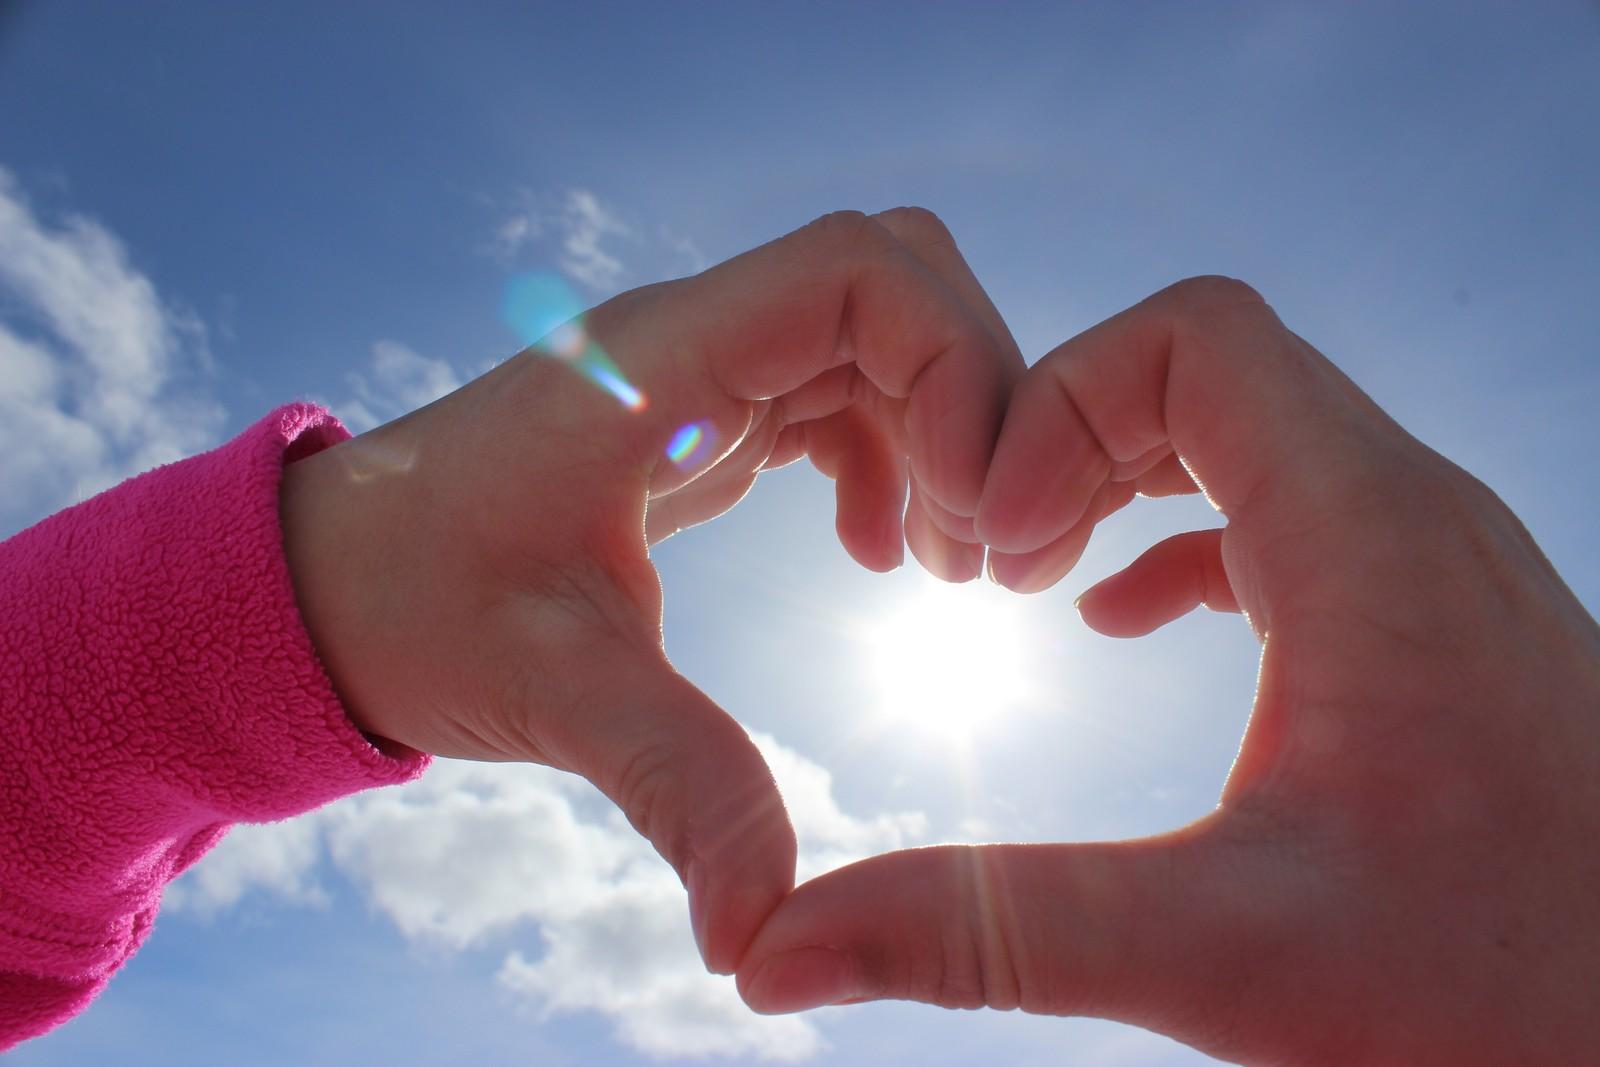 - Vi elsker sol og langrennstur i Stryn, seier fotografane om biletet dei tok 31. mars.